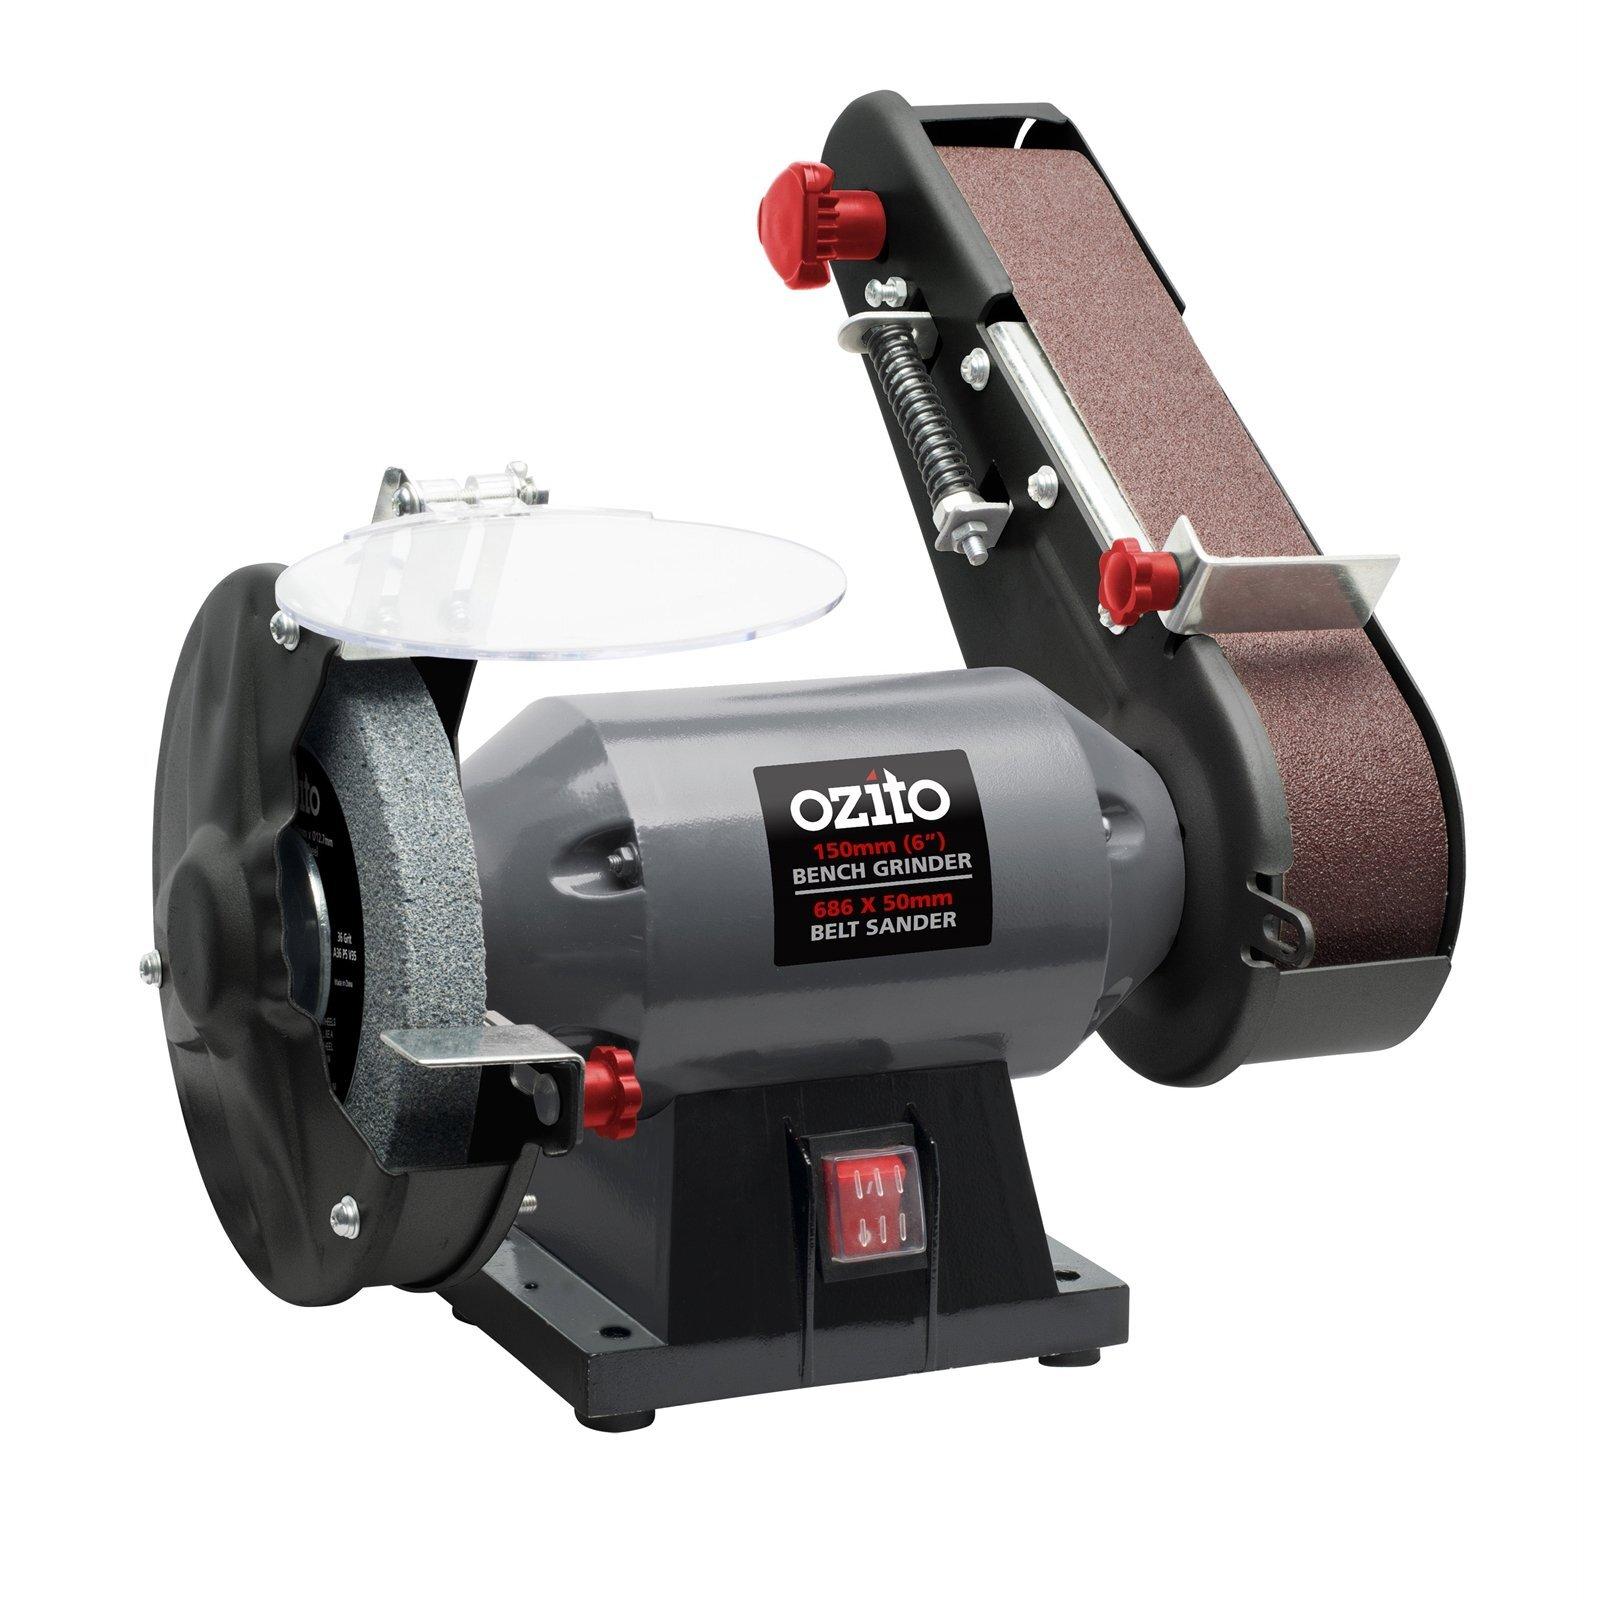 Ozito 240W Bench Grinder And Belt Sander